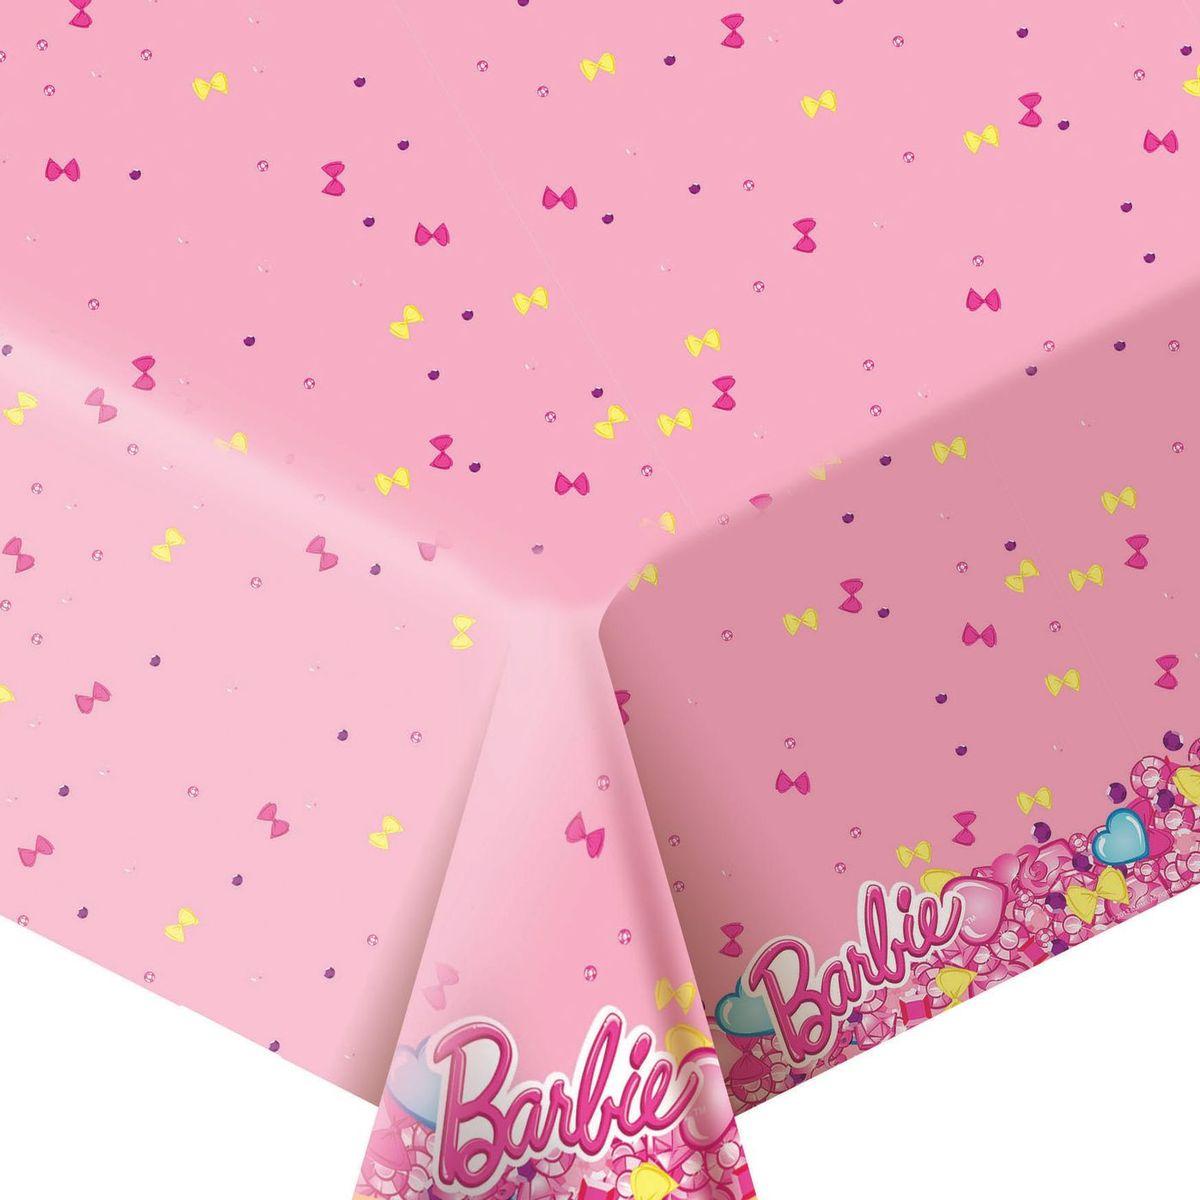 """Стильная полиэтиленовая скатерть """"Барби"""" размером 133 х 183 см поможет сделать детское торжество ярче и веселее: она отлично украсит праздничный стол и сохранит его в чистоте. А высокое качество скатерти позволит использовать ее много раз."""